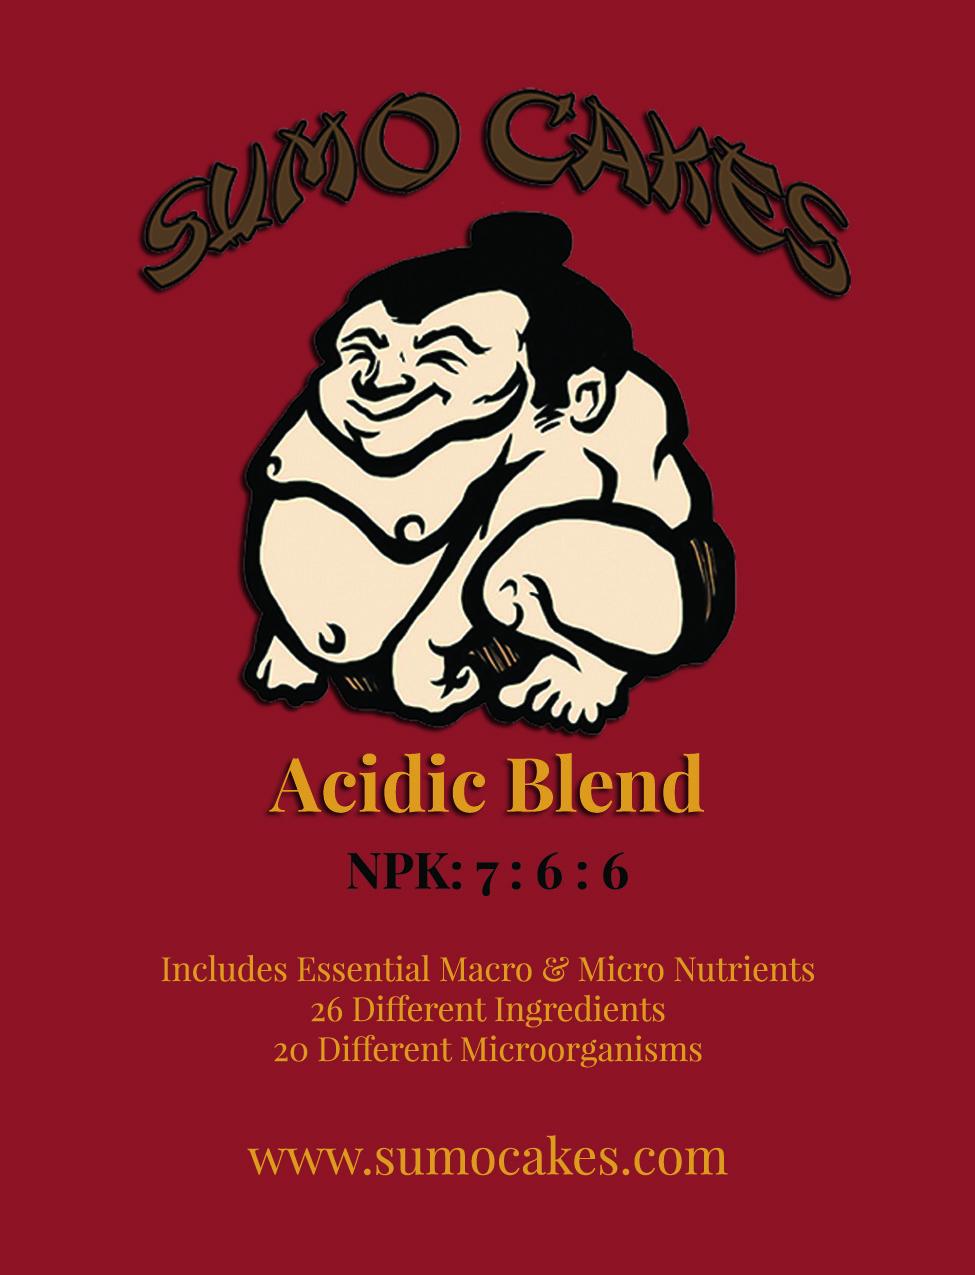 Sumo Cakes® Acidic Blend Front Label